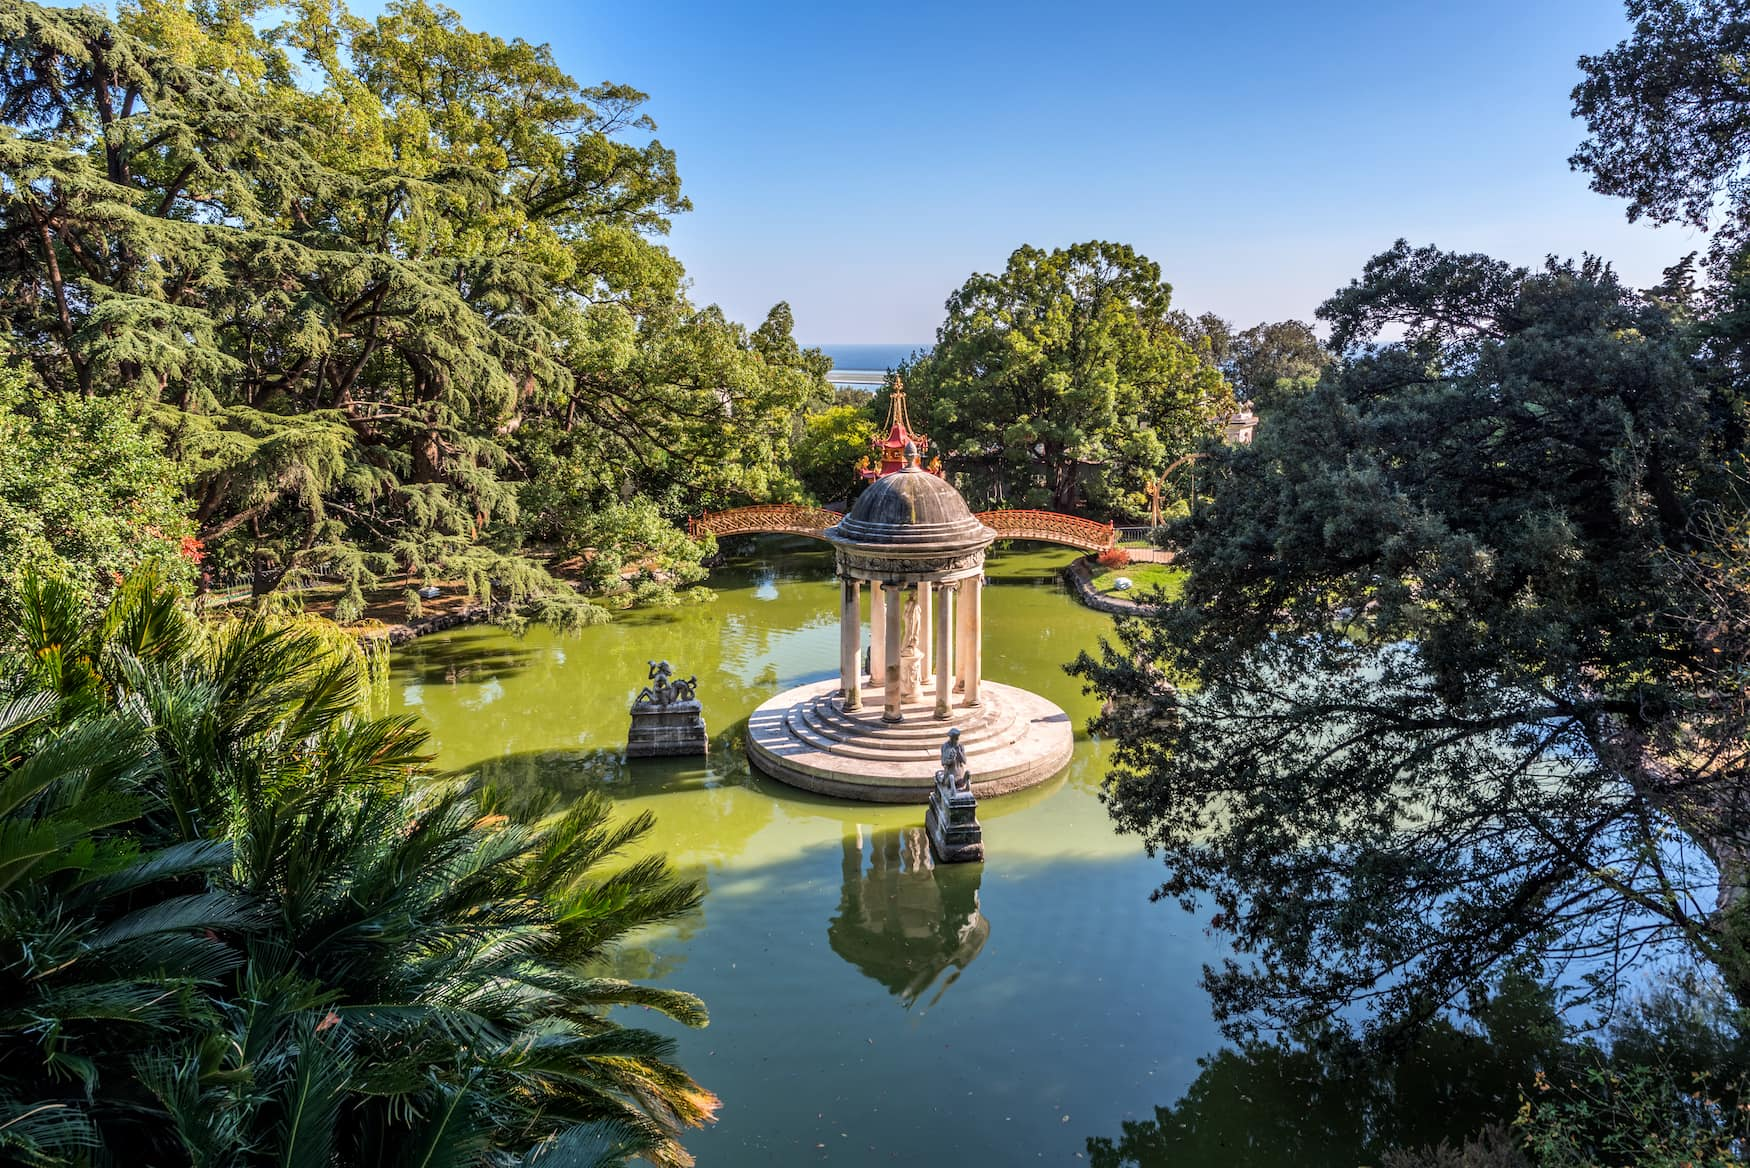 Gärten der Villa Durazzo Pallavicini